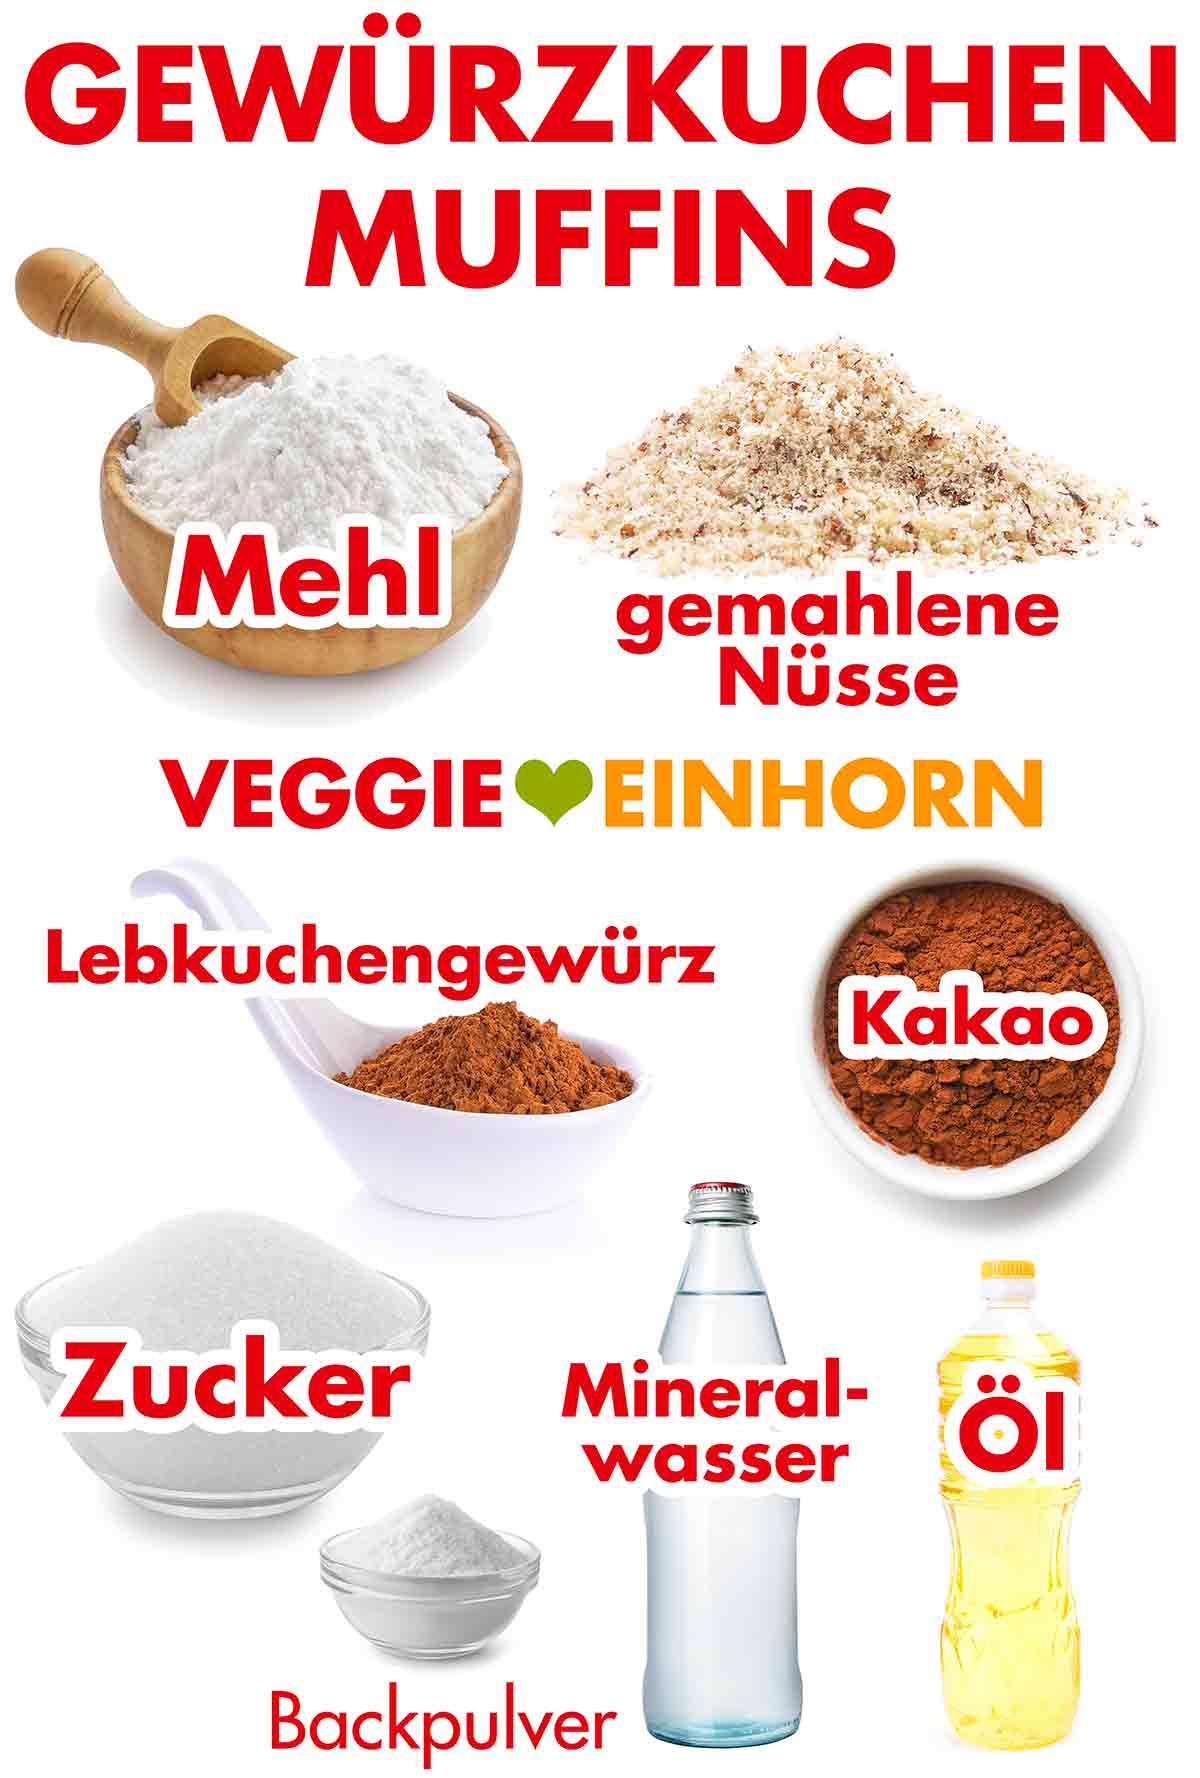 Zutaten für Gewürzkuchen Muffins